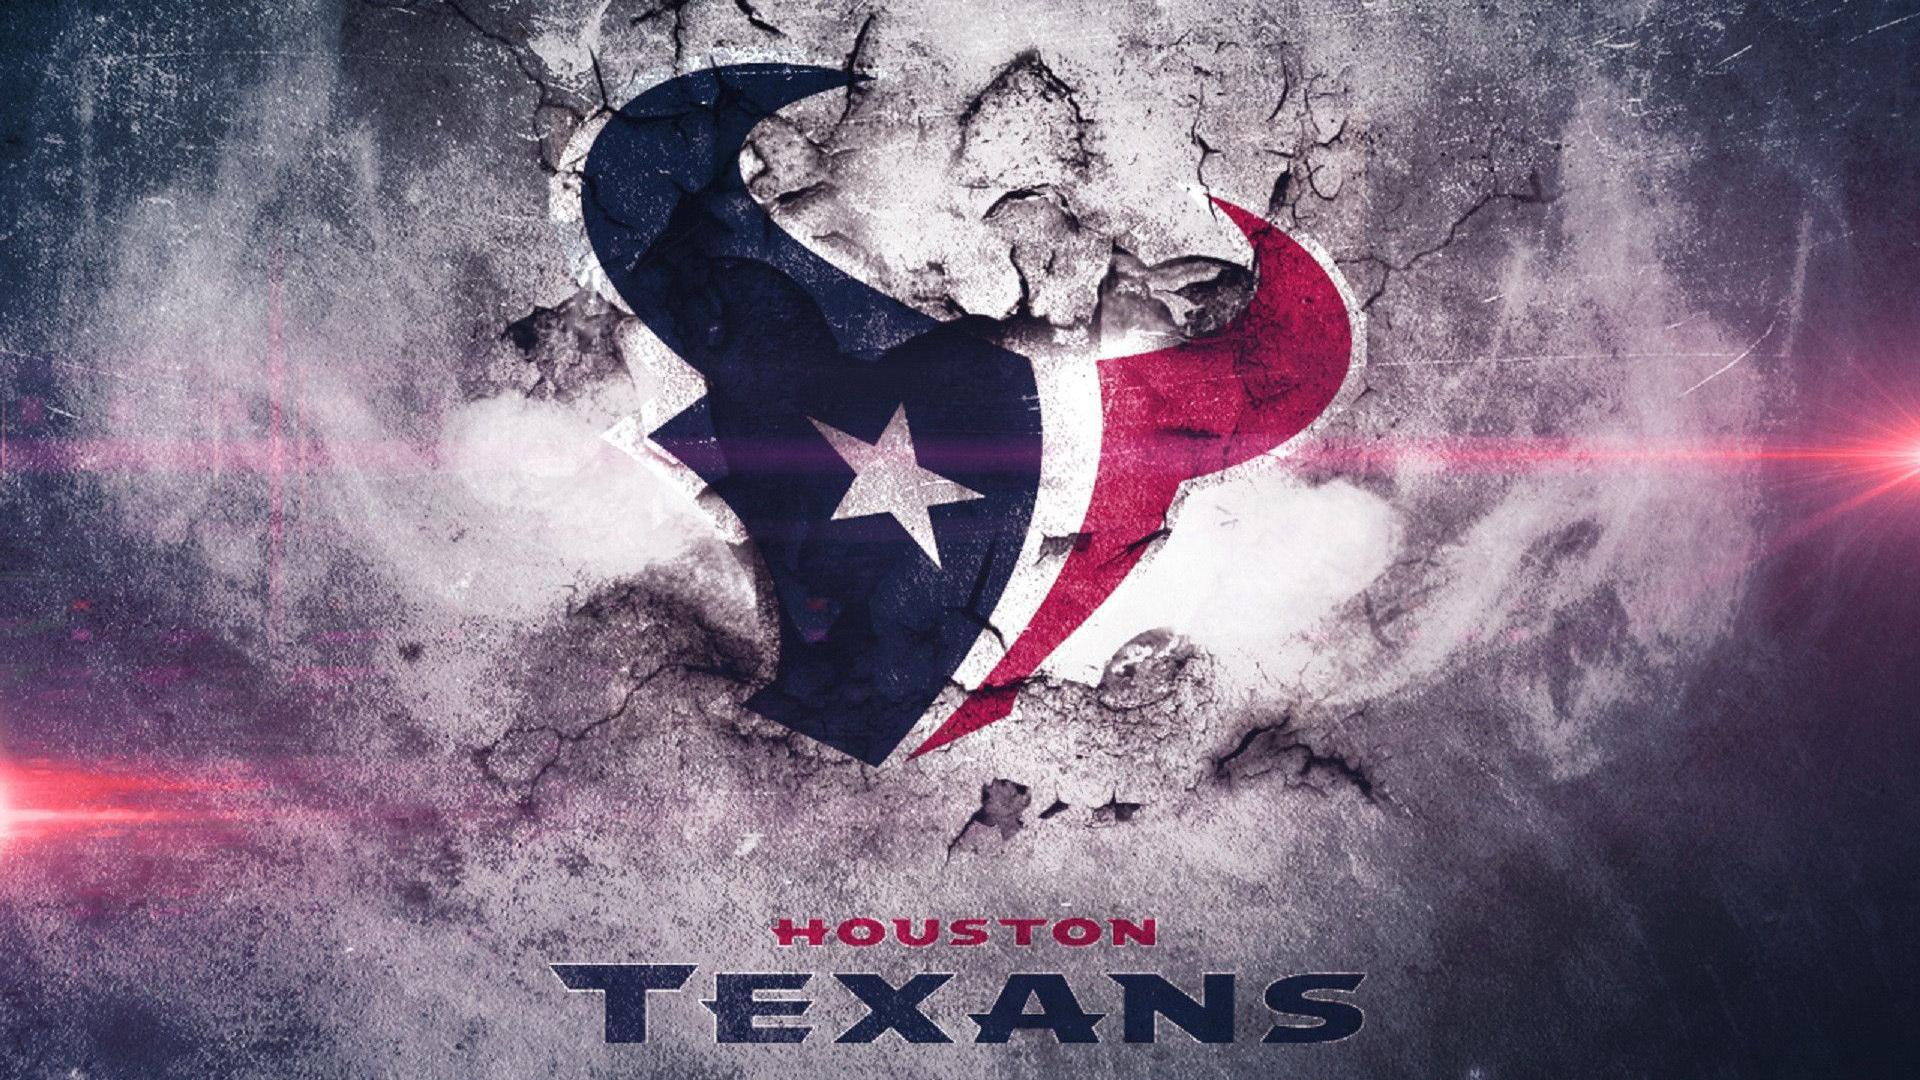 Houston Texans Photos